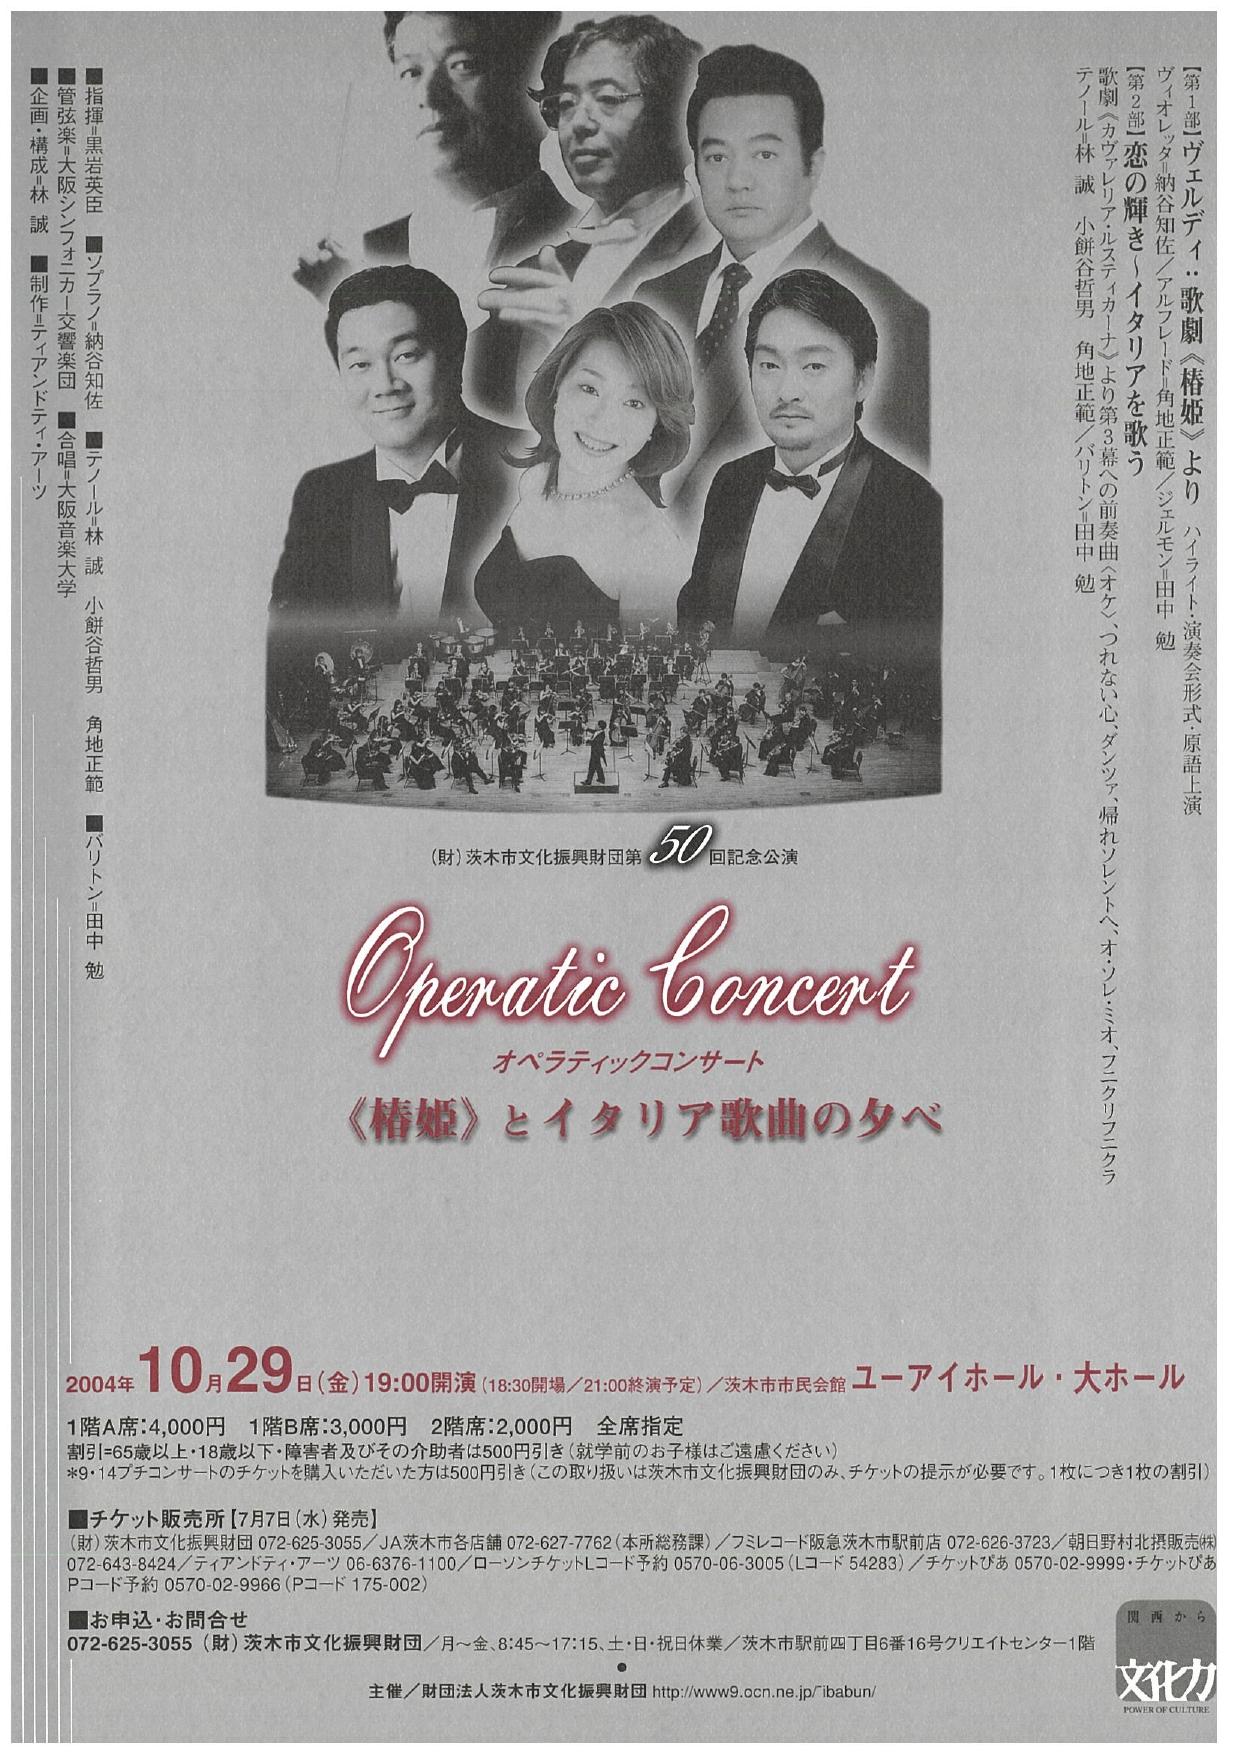 オペラティックコンサート ~《椿姫》とイタリア歌曲の 夕べ